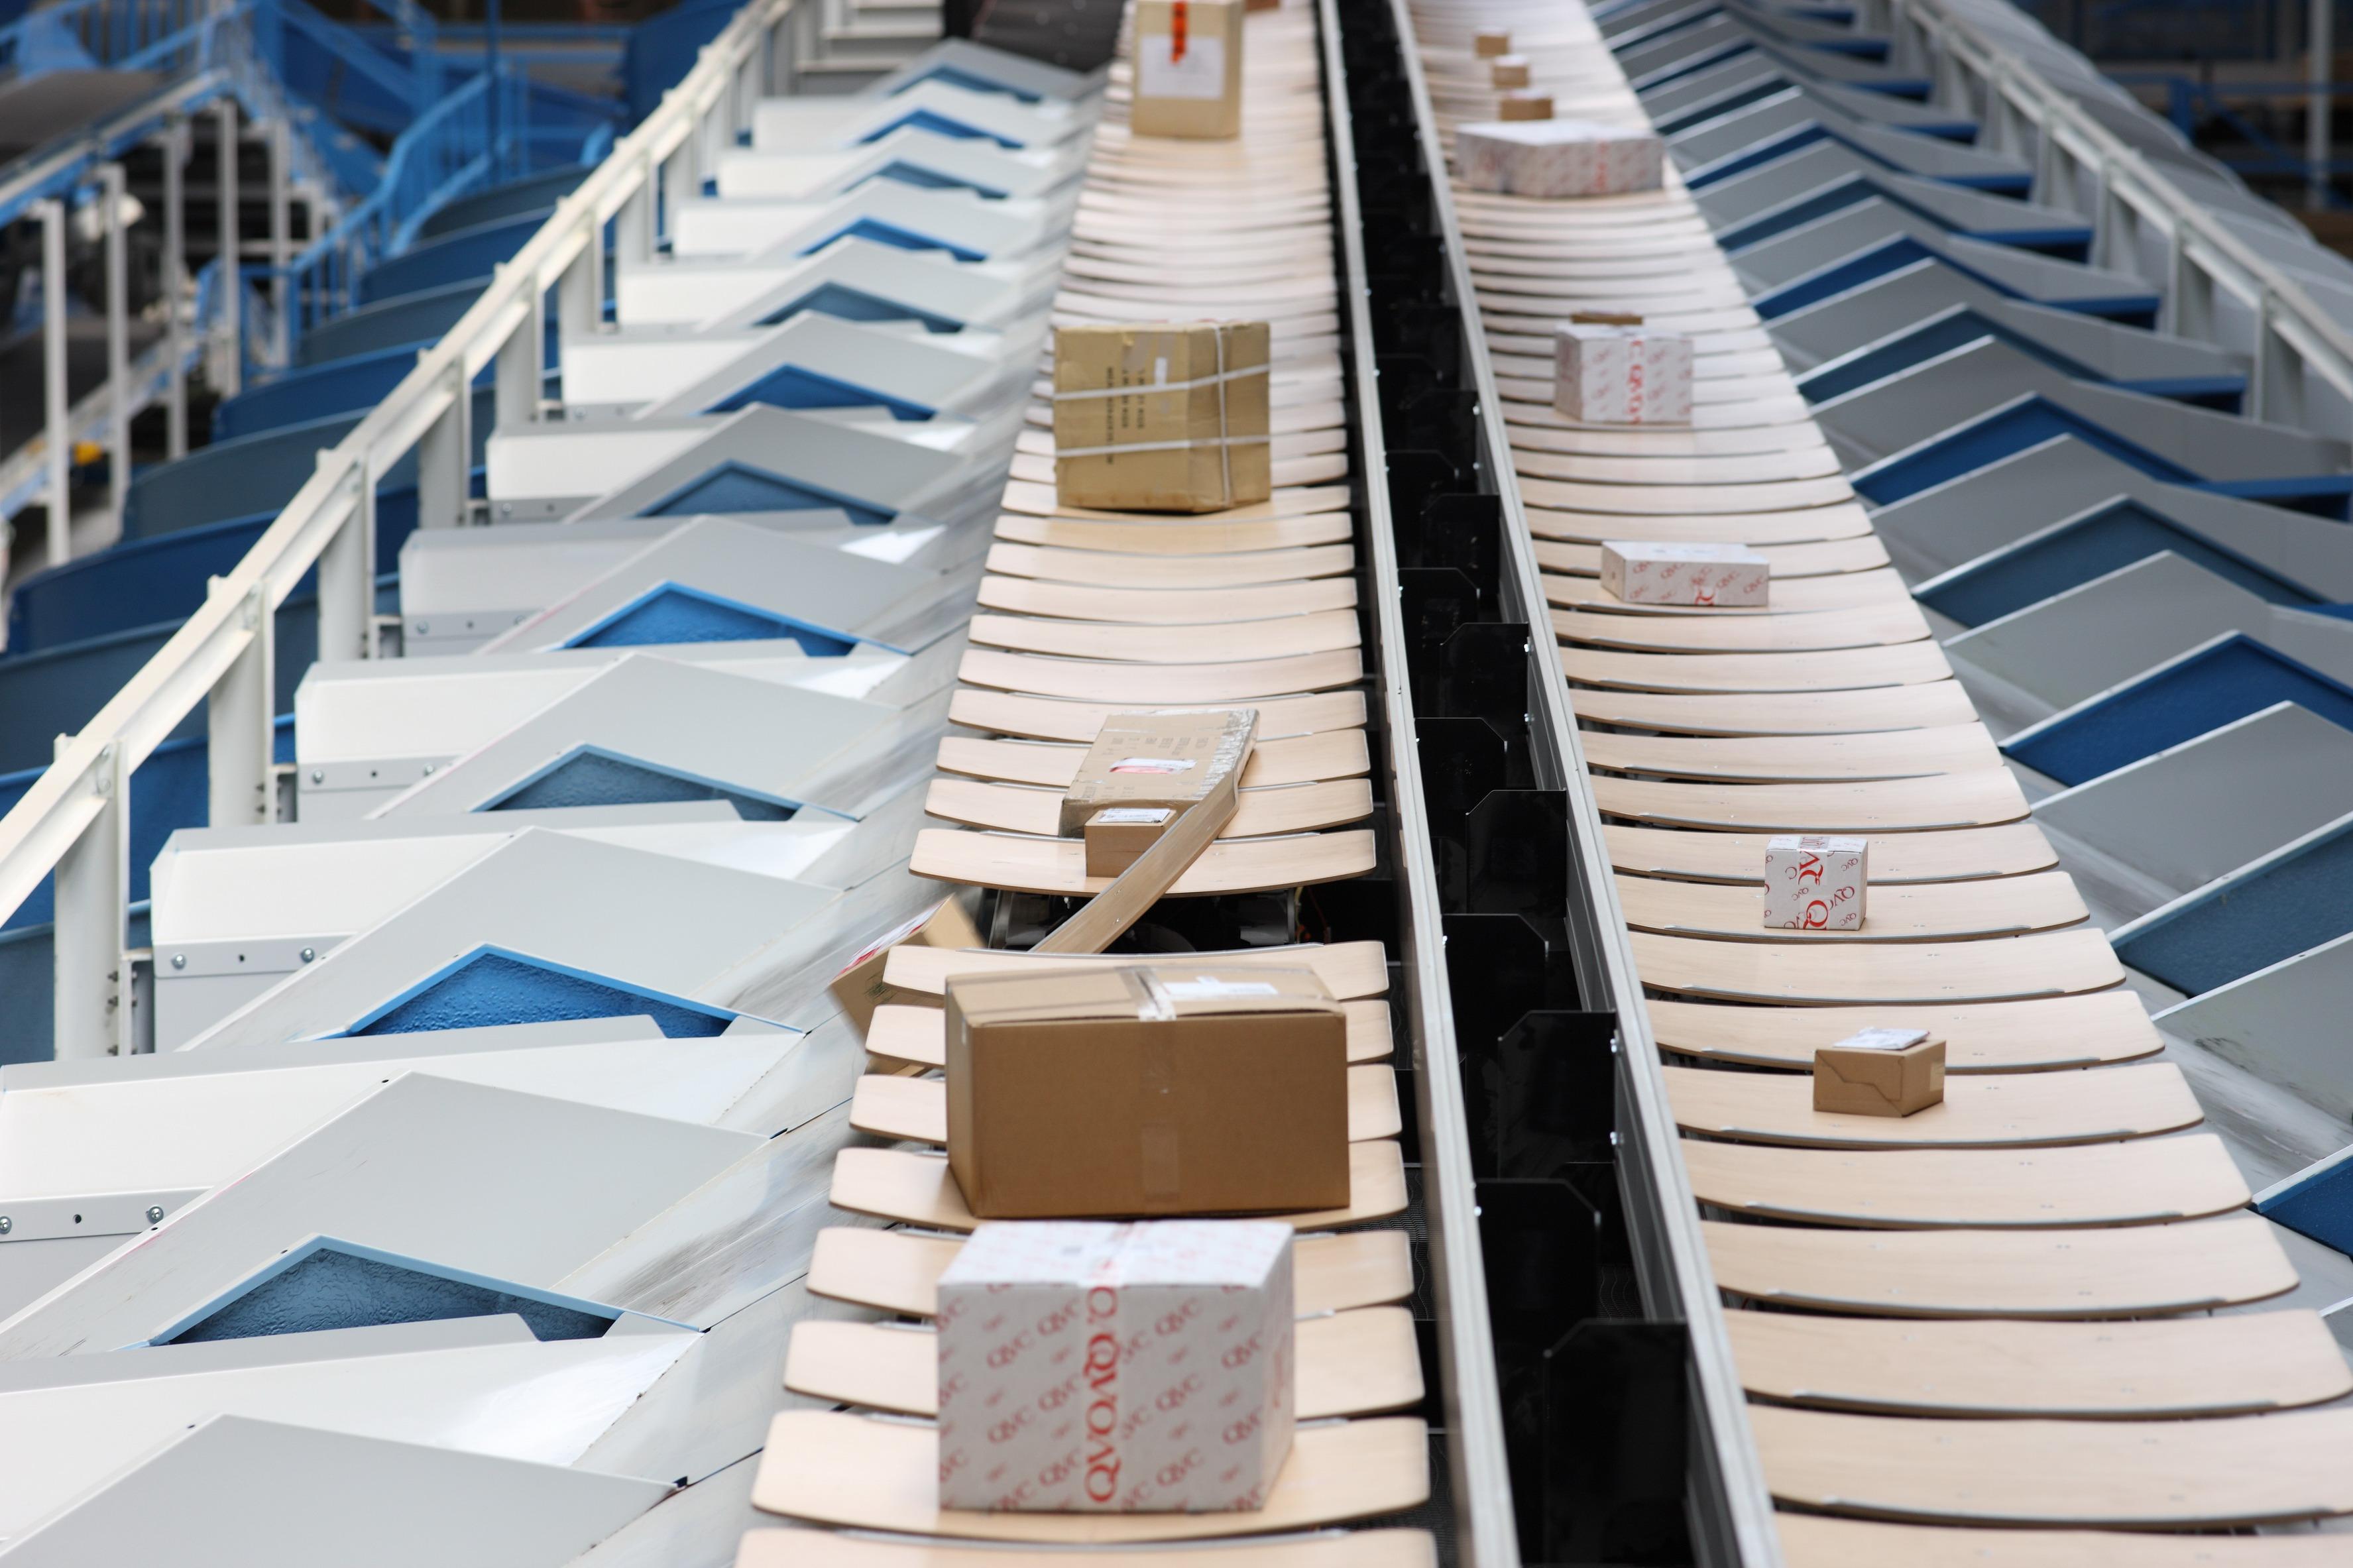 Der BEUMER E-Tray Sorter kommt weltweit in Post- und Verteilzentren zum Einsatz.